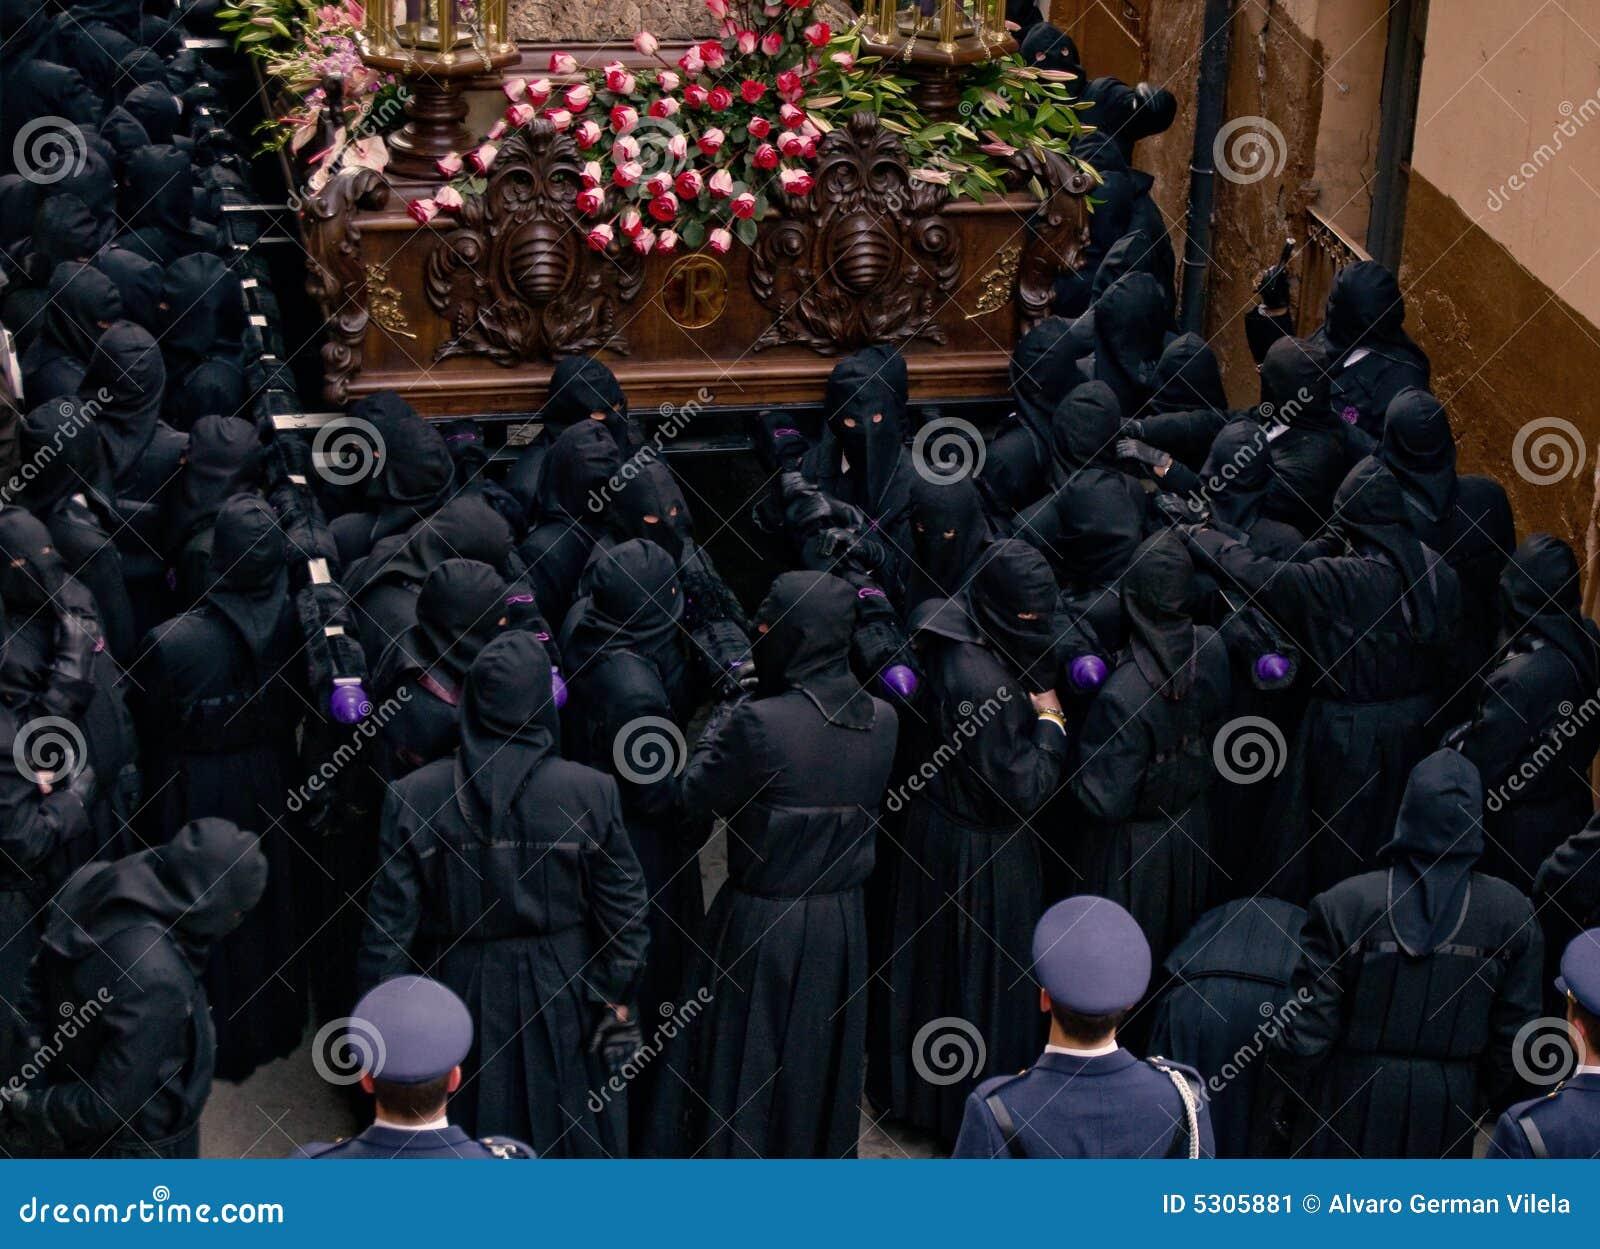 Download Processioni Religiose In Settimana Santa. La Spagna Fotografia Editoriale - Immagine di jesus, passione: 5305881